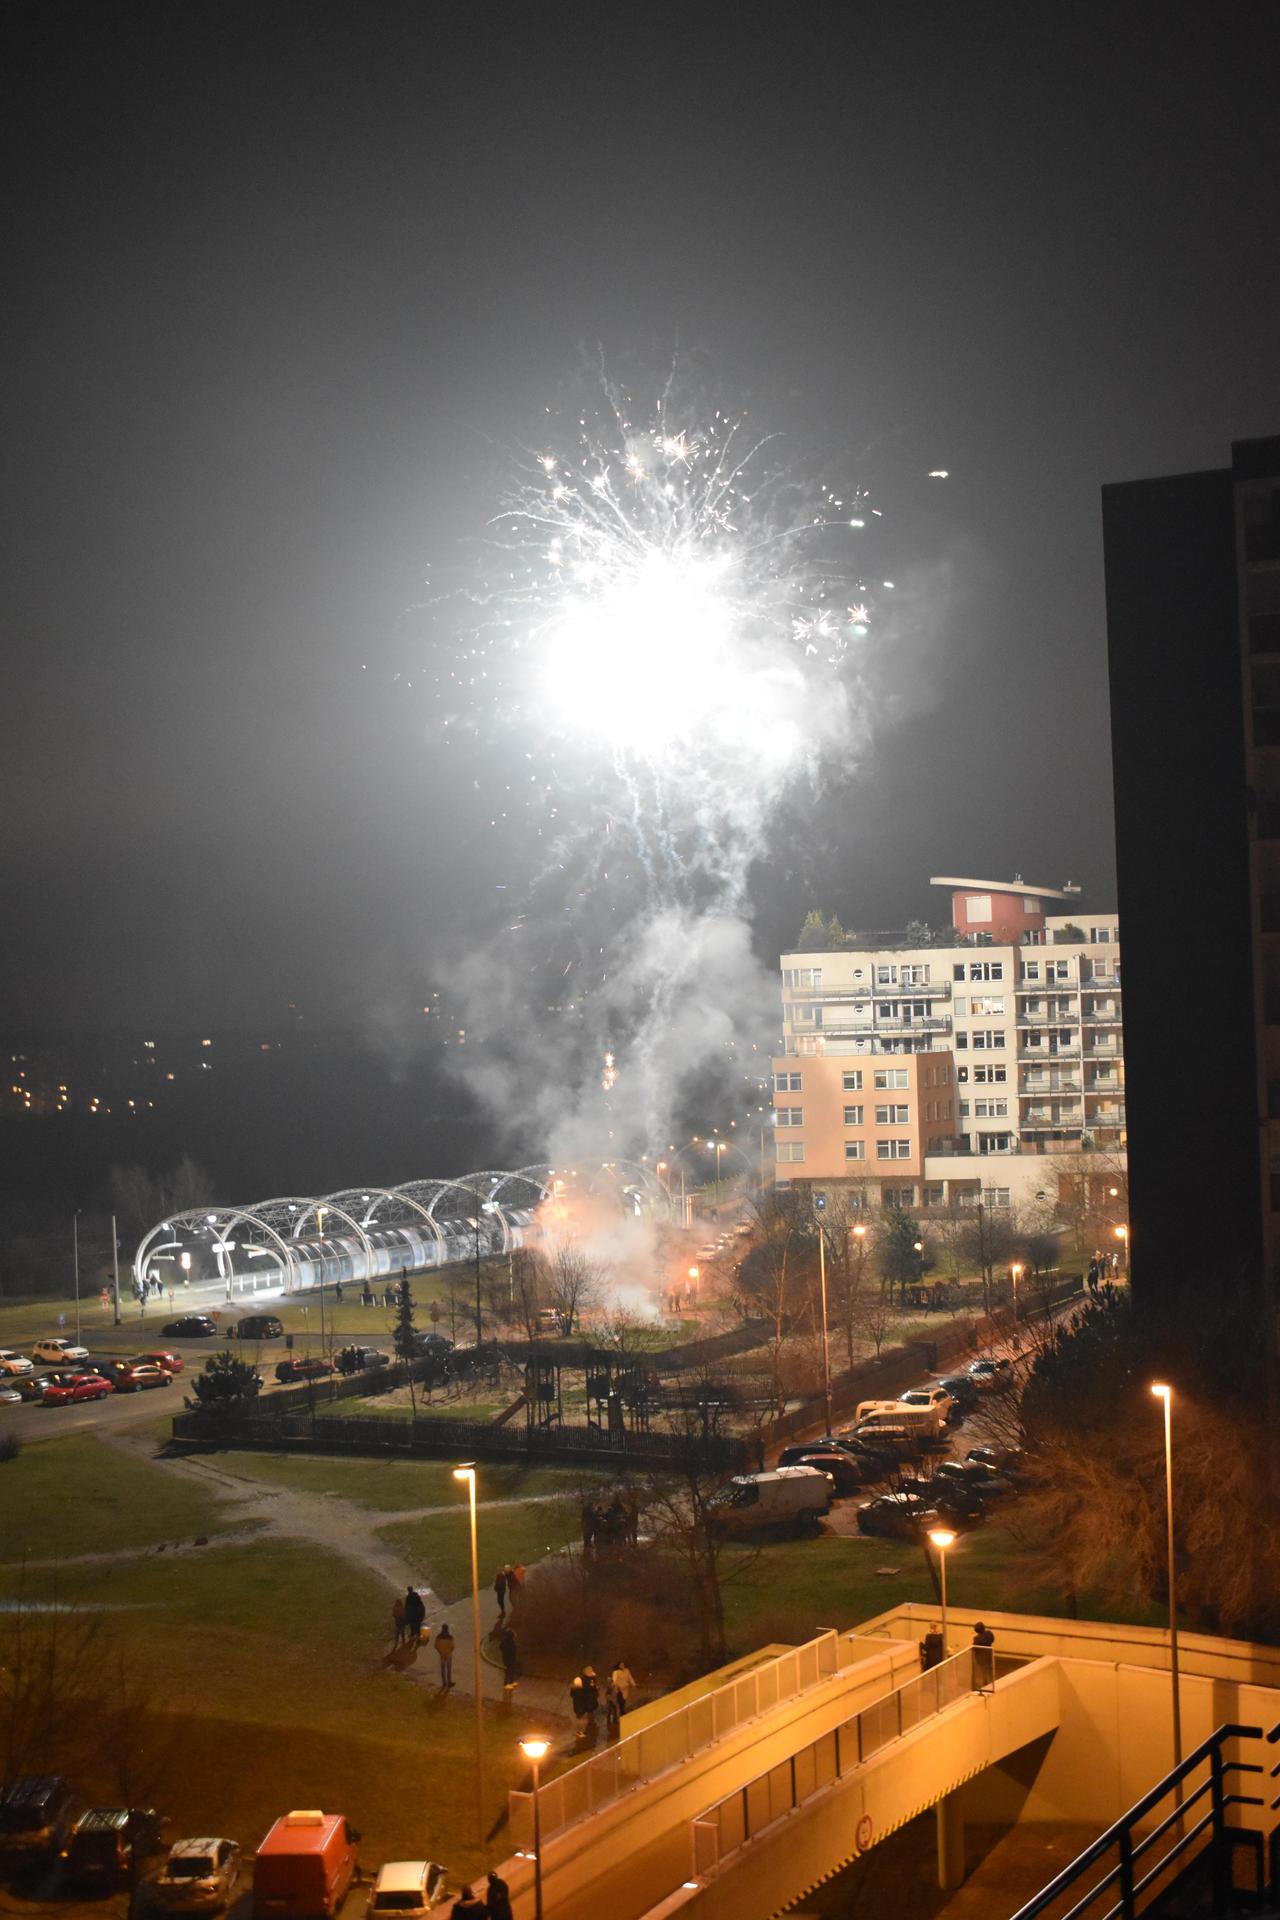 Fireworks 02 by jajafilm